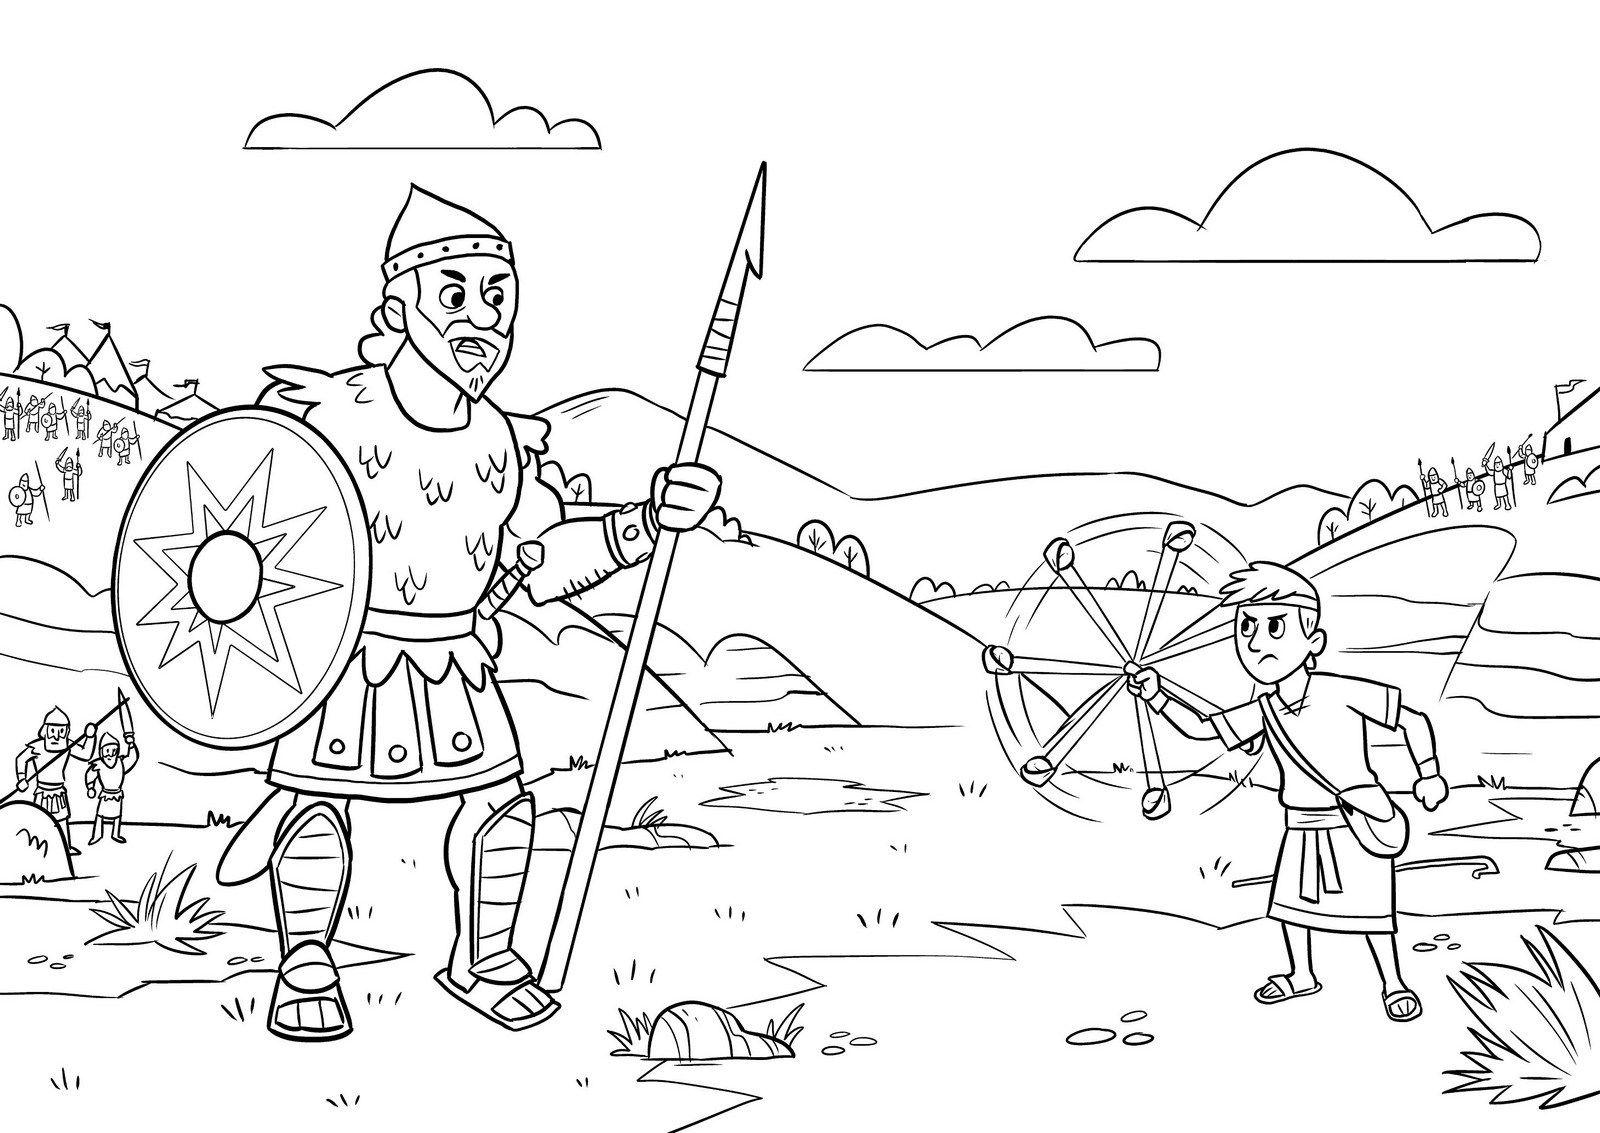 David And Goliath Warrior Coloring Sheet David And Goliath Coloring For Kids David And Goliath Craft